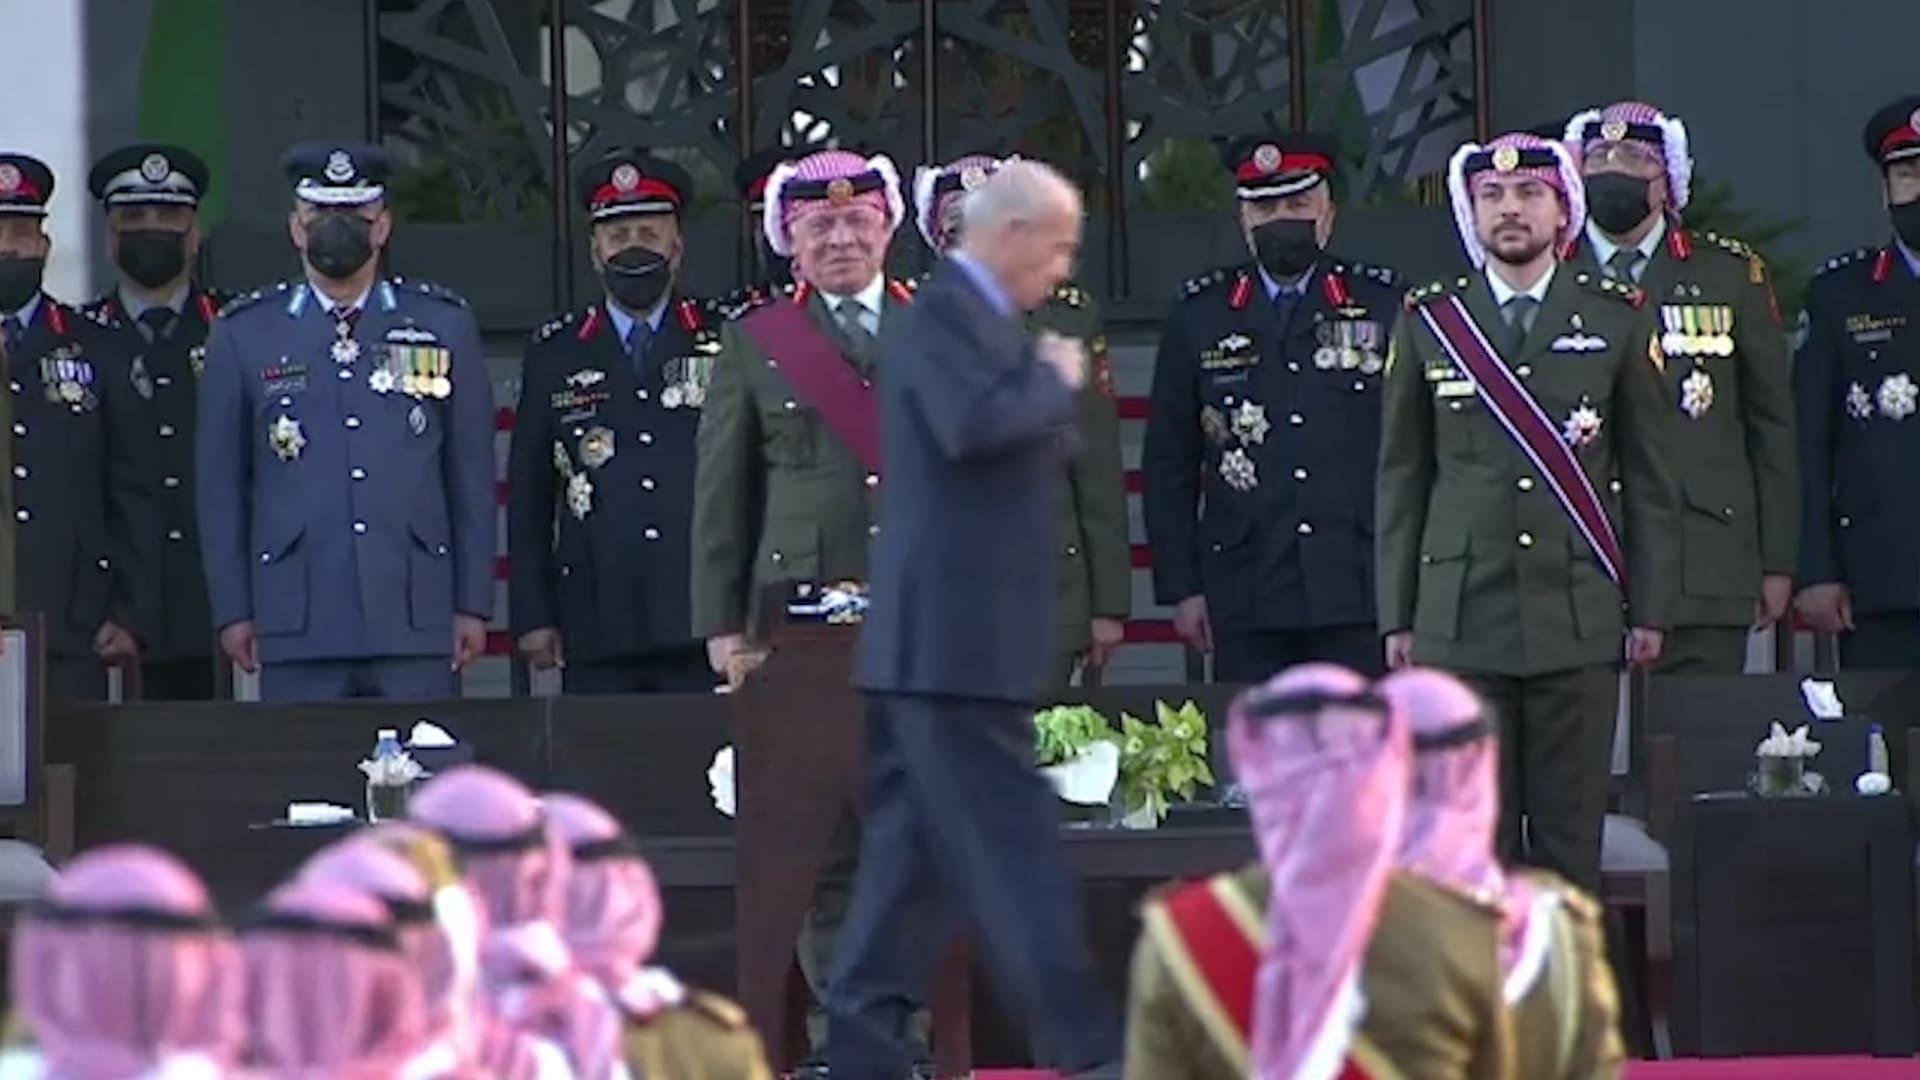 ردة فعل ملك الأردن خلال مراسم تسليم أوسمة مع رئيس المخابرات الأسبق يثير تفاعلا